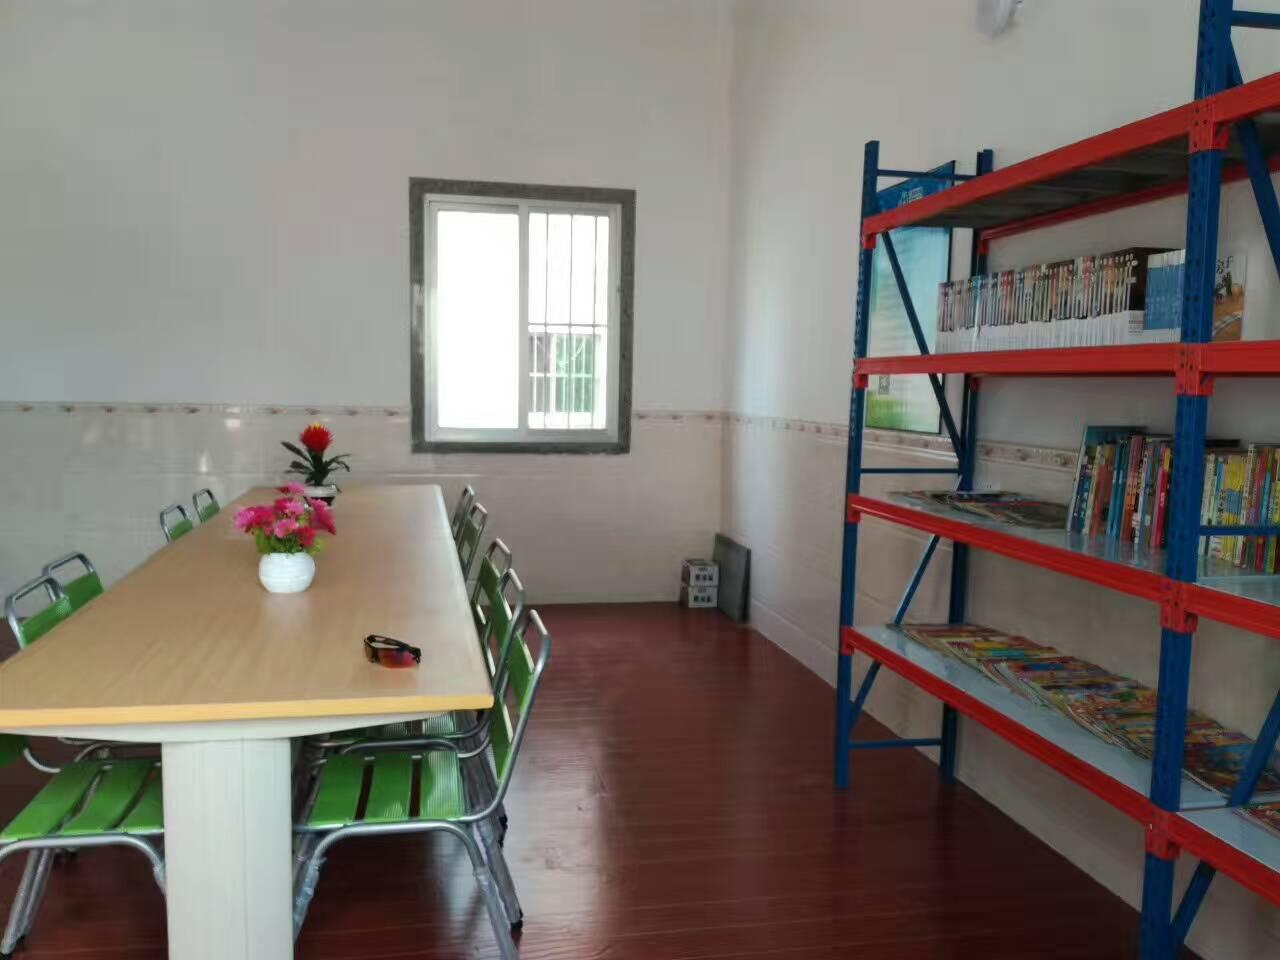 霞圳均恒免费图书室